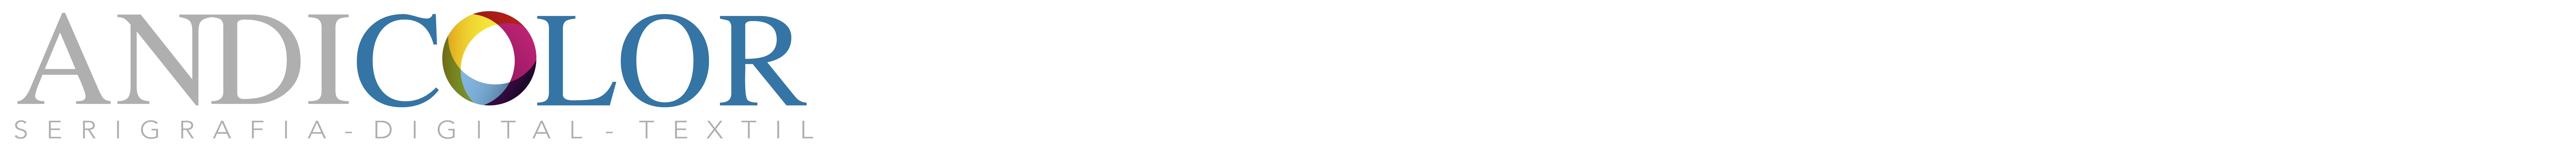 Andicolor